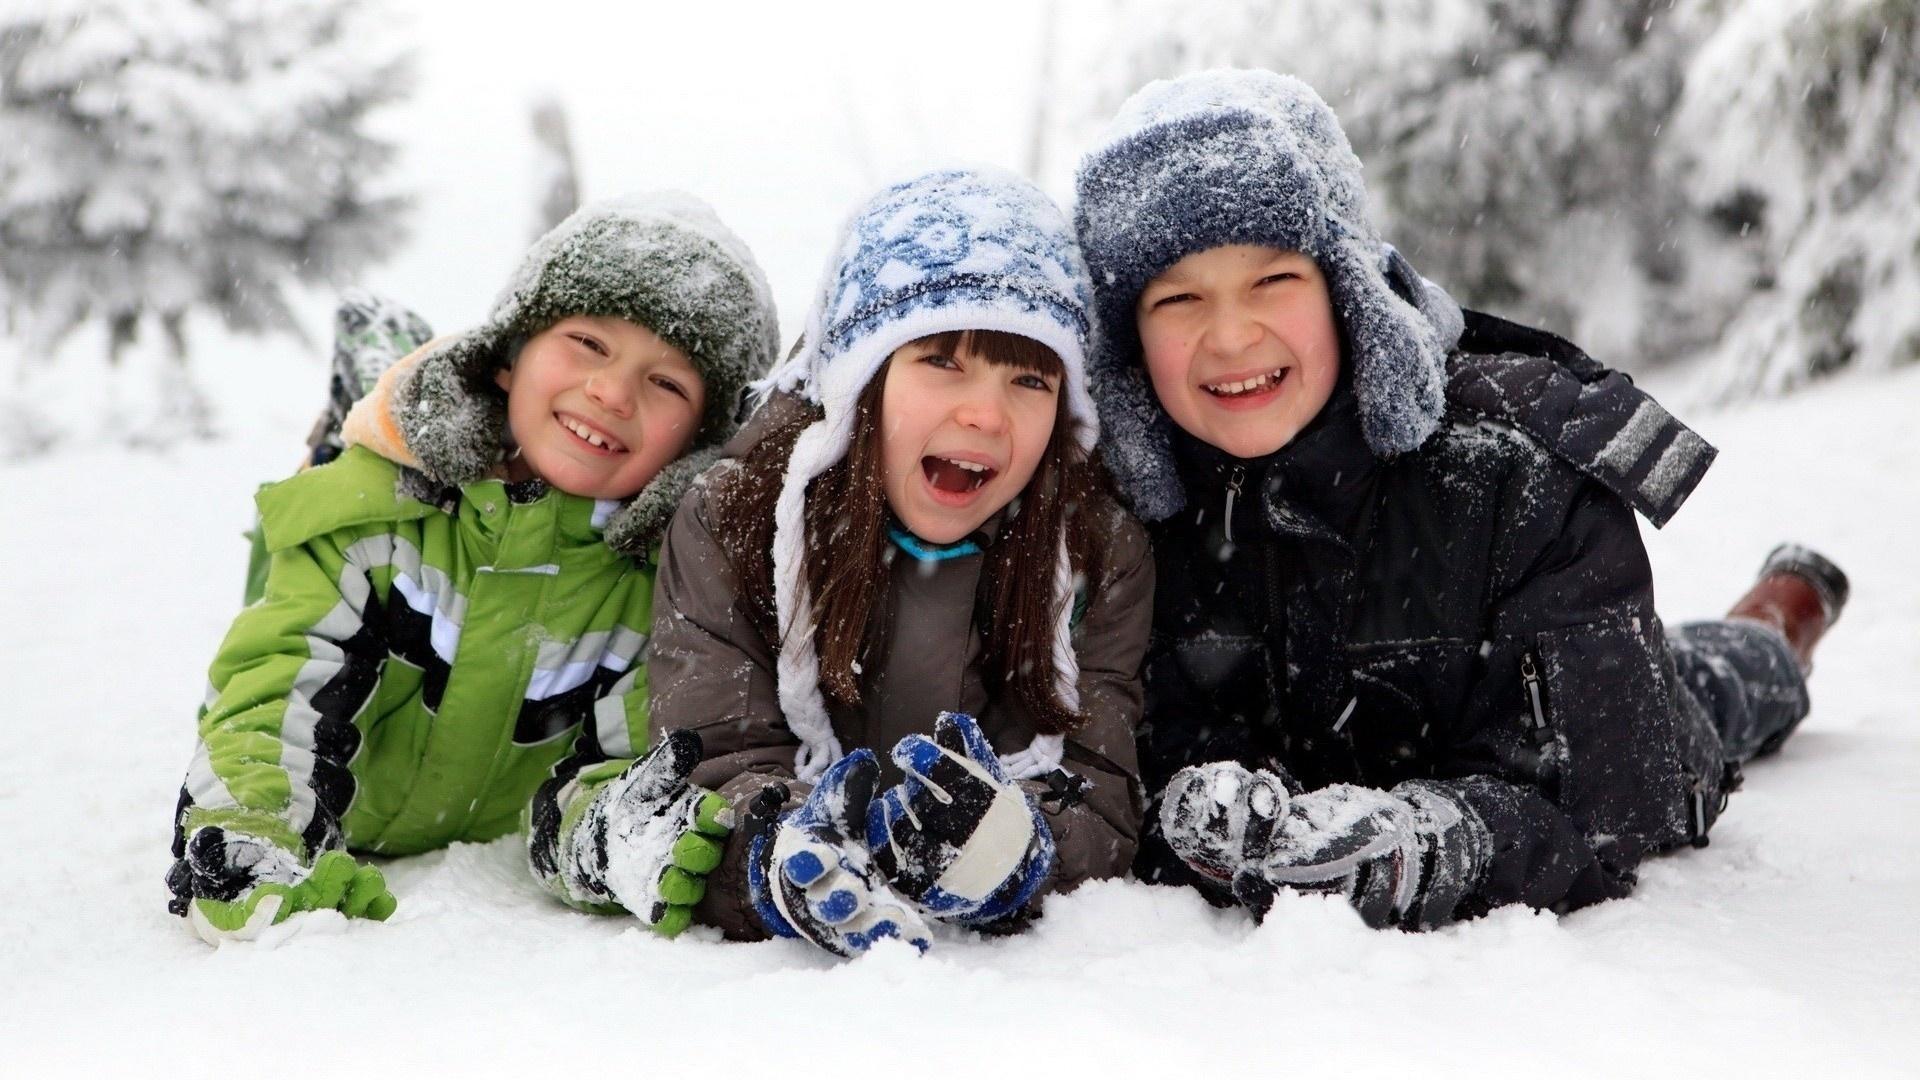 Мартом, зима и дети картинки